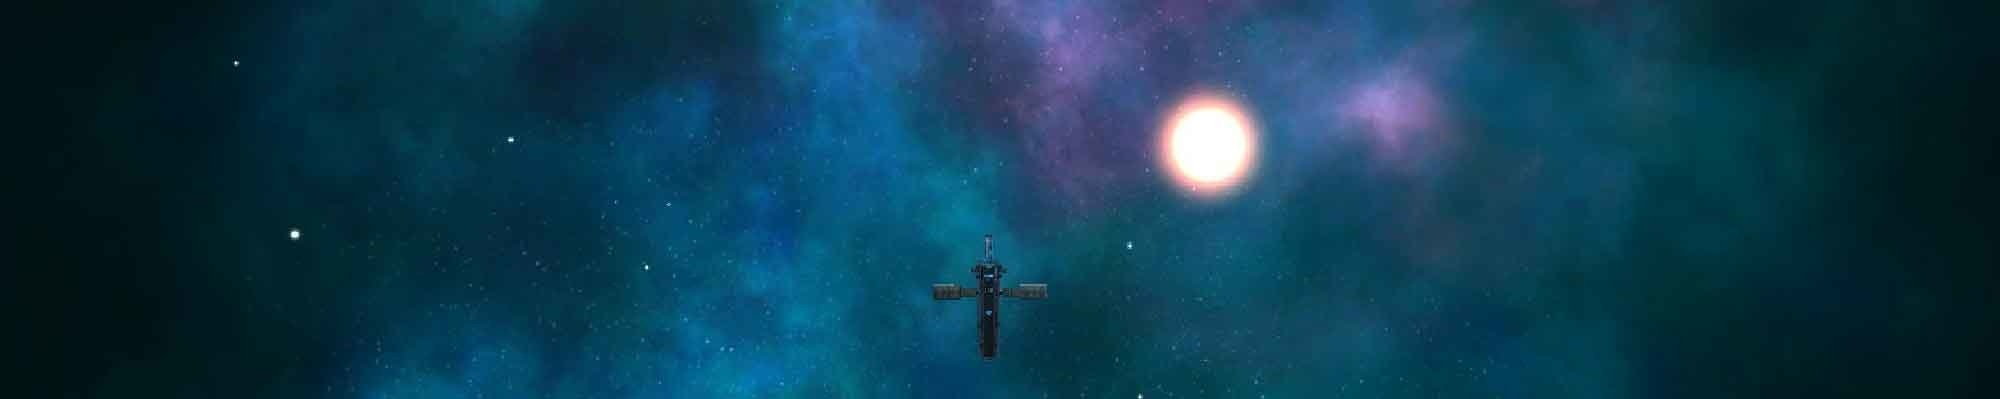 找星星:推荐你《OPUS:地球计划》,以及一则新闻